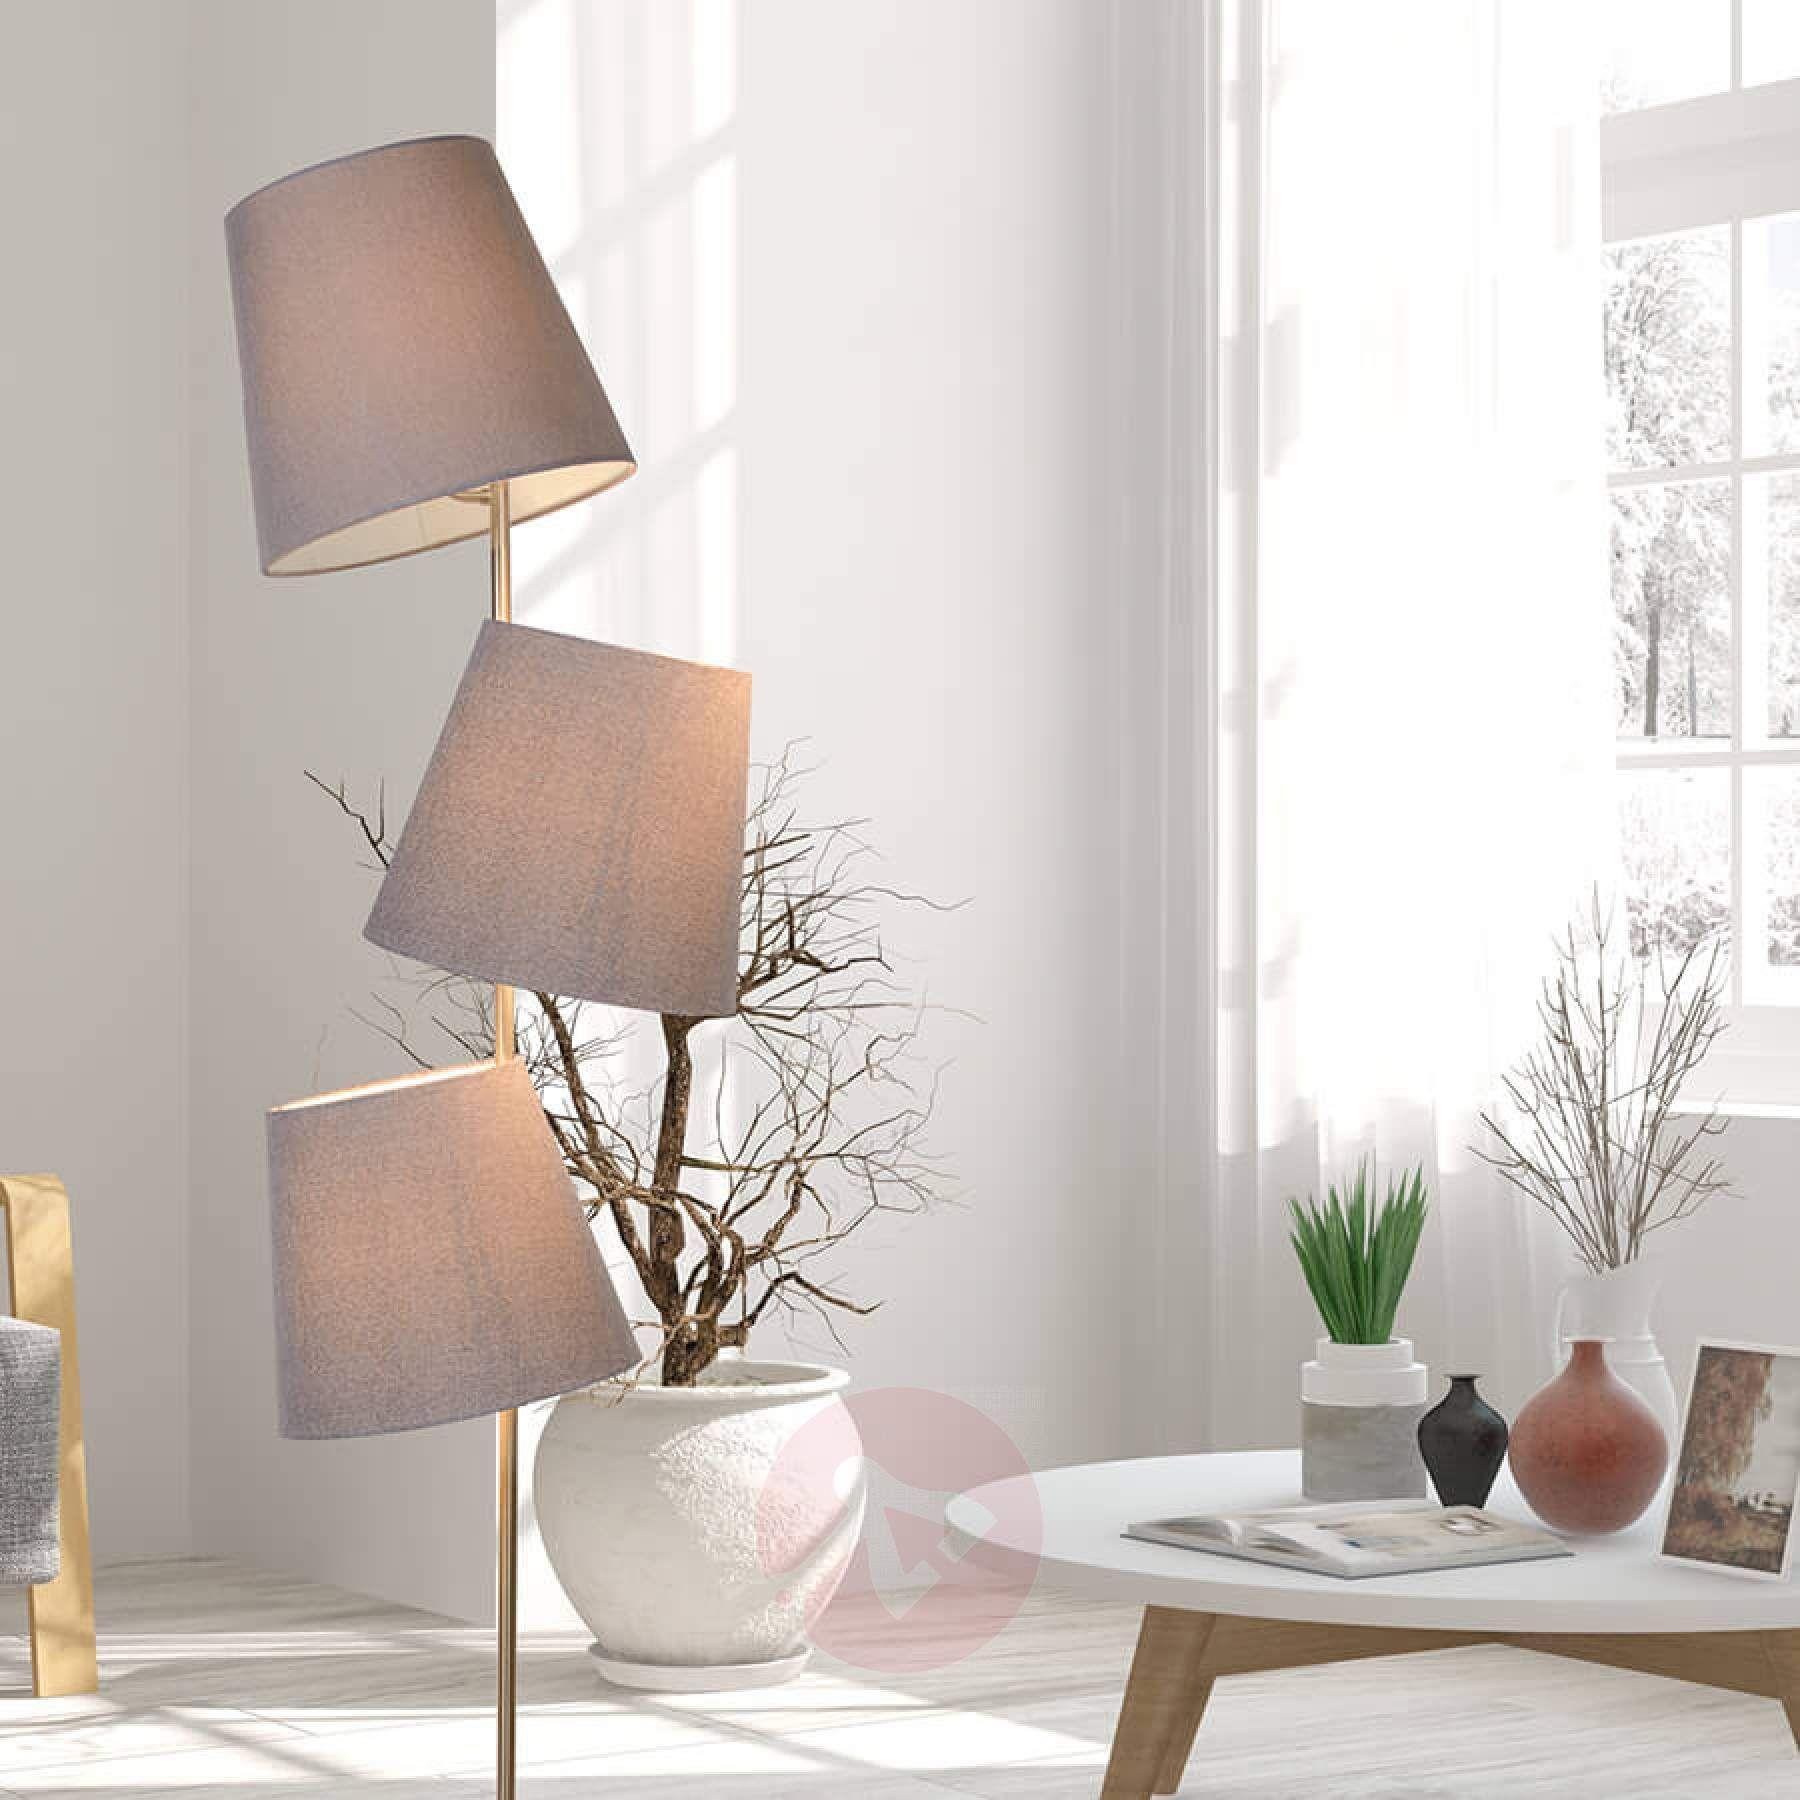 Charmante Stehleuchte Arjan 3 Flg Kaufen Lampenwelt Ch Lampe Moderne Stehlampen Stehlampe